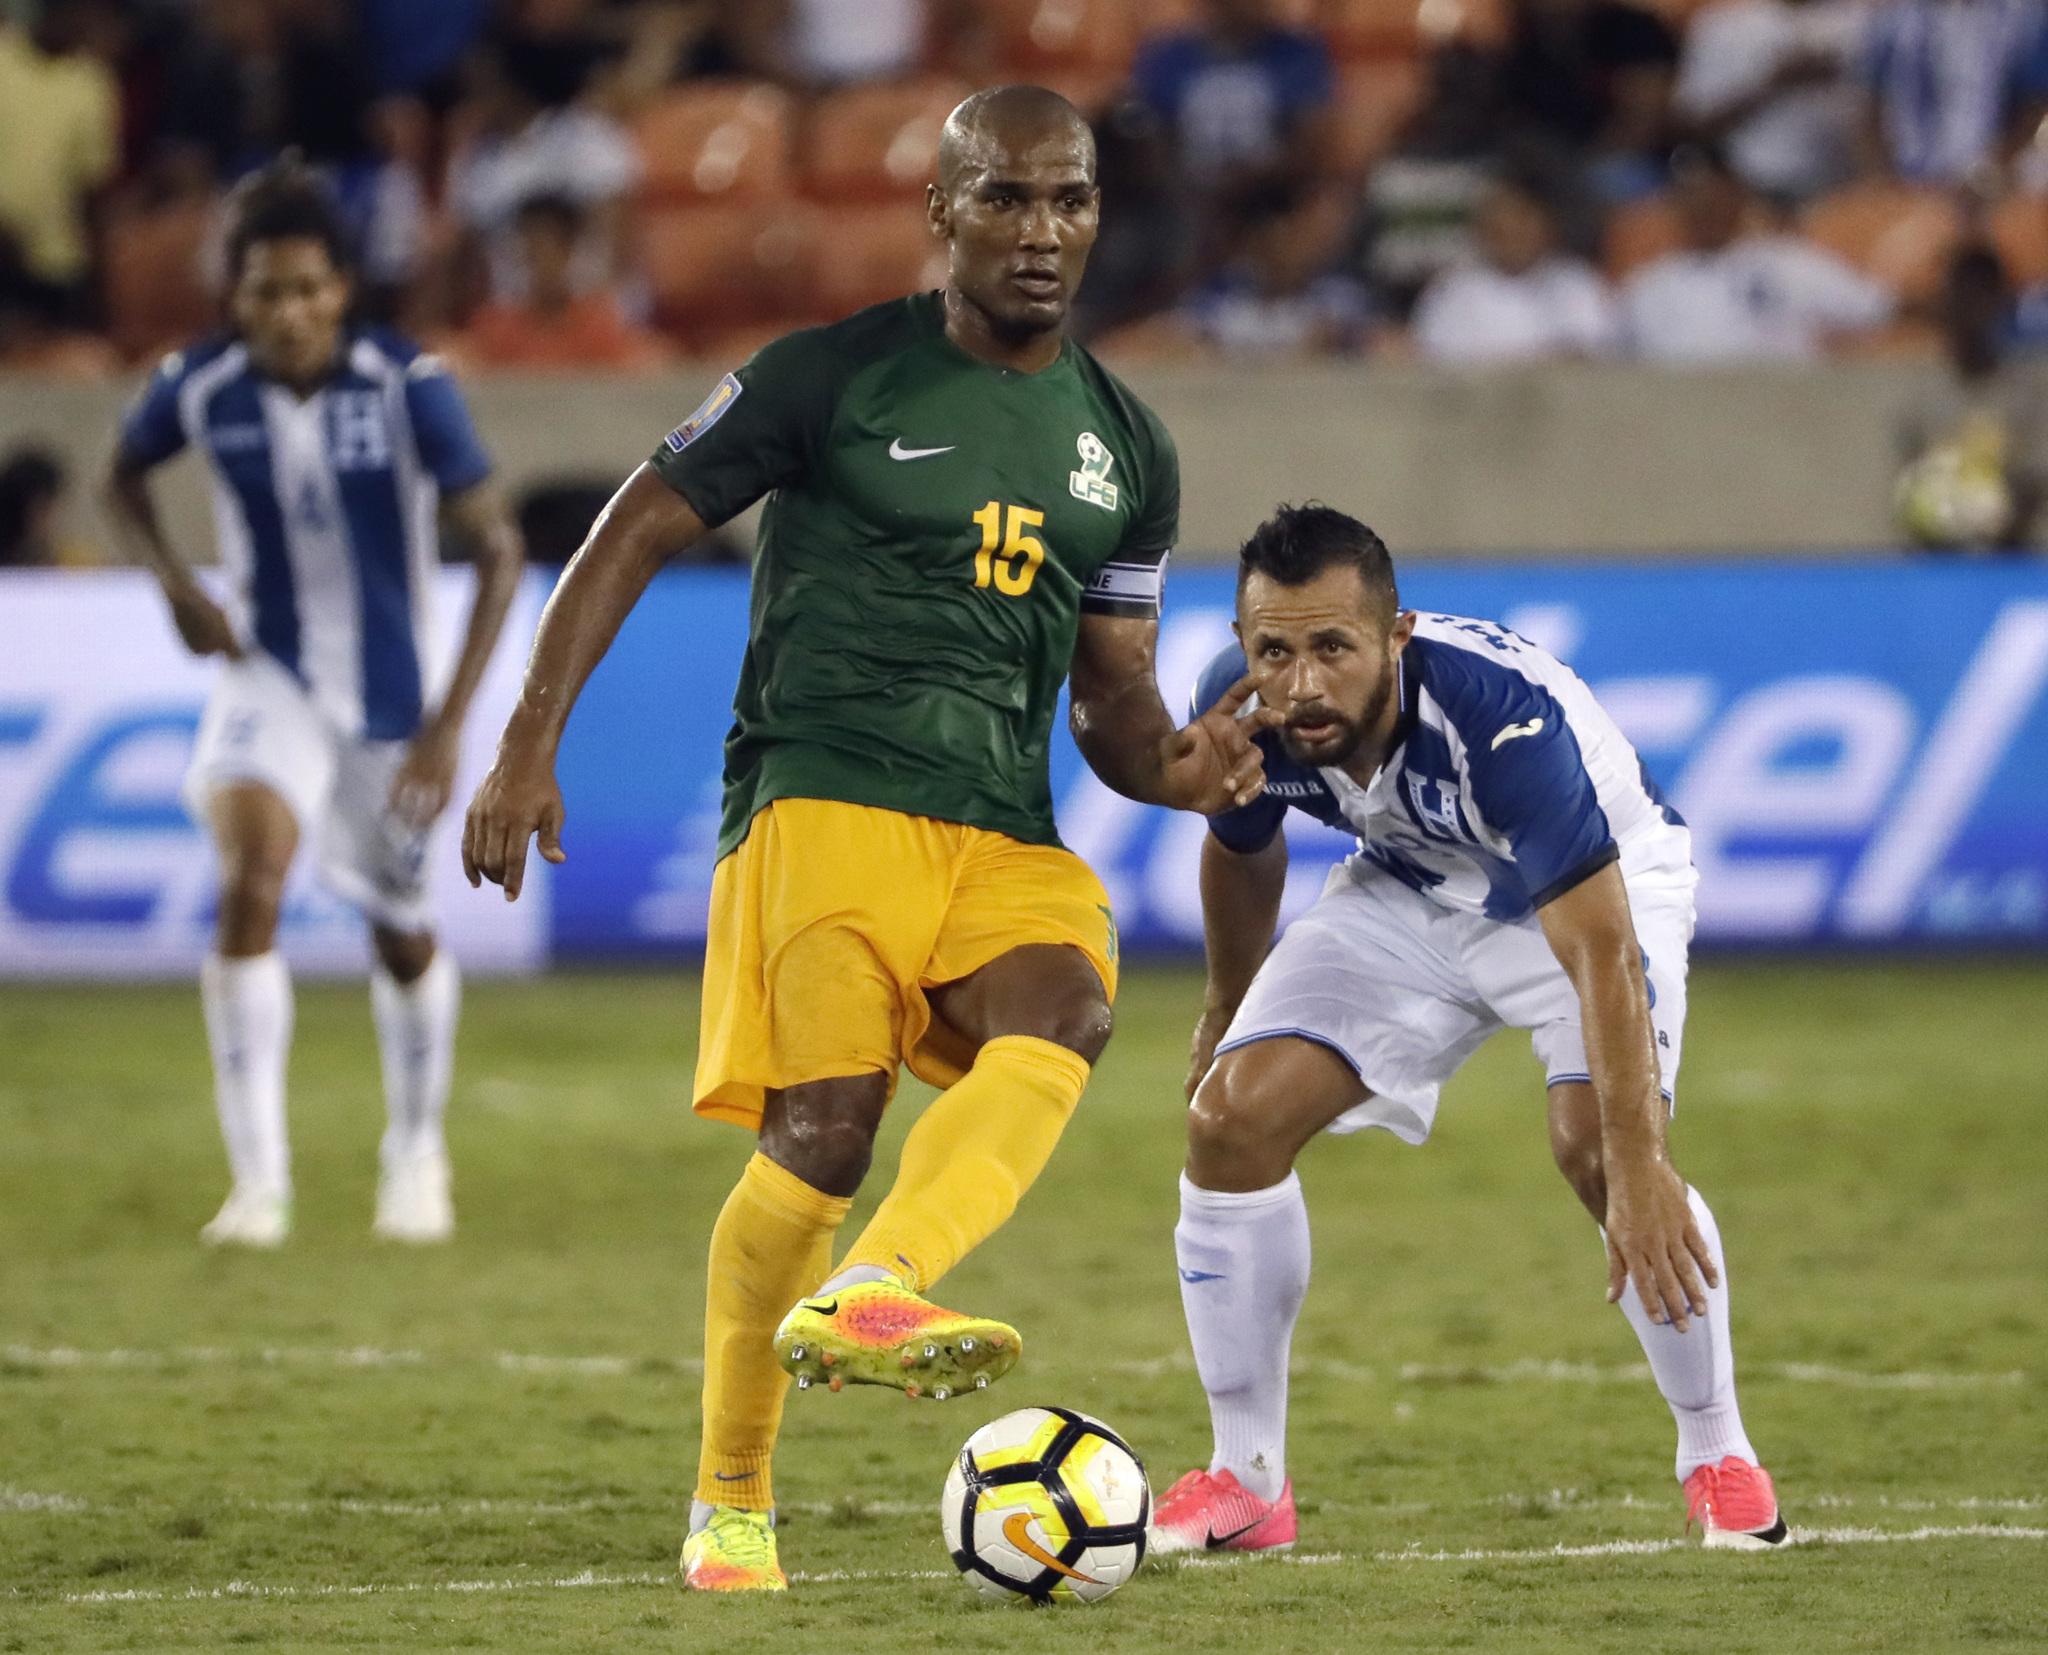 Resultado de imagen para honduras 0 - 0 guayana